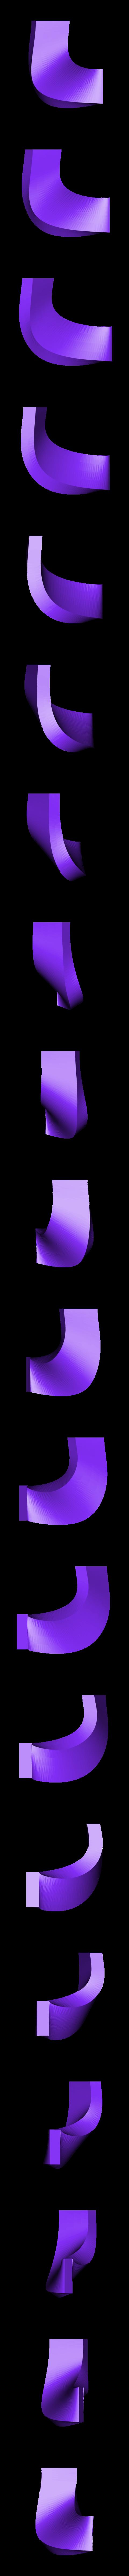 AmnoBelt-Right.stl Download STL file Hammond's Wrecking Ball Mech from Overwatch • 3D printer template, FunbieStudios